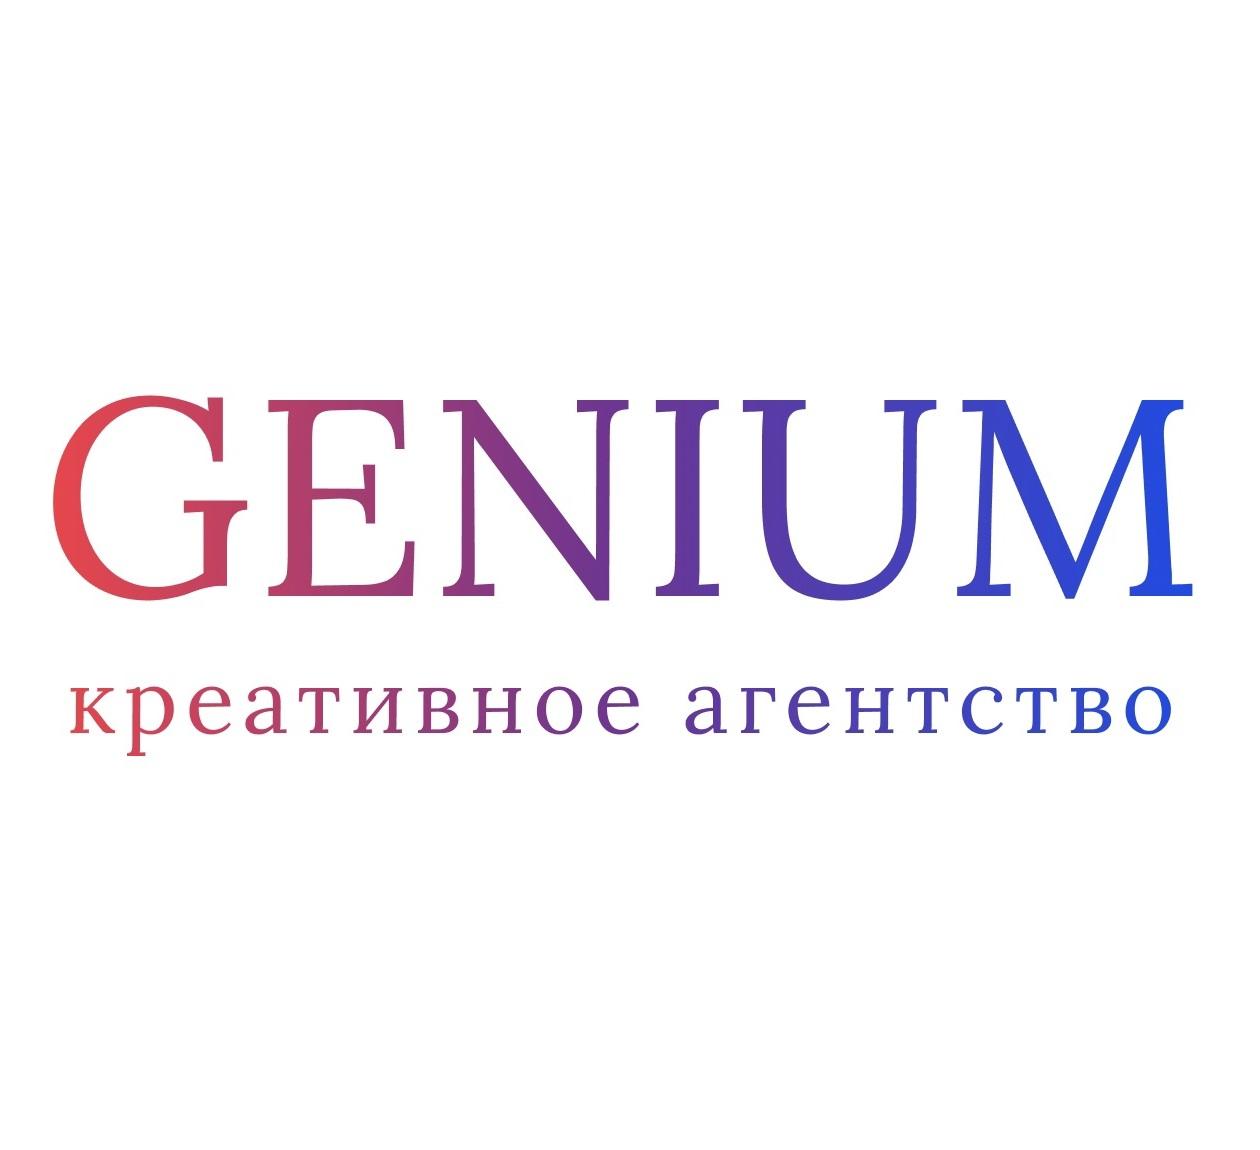 Рекламное агентство «Genium»